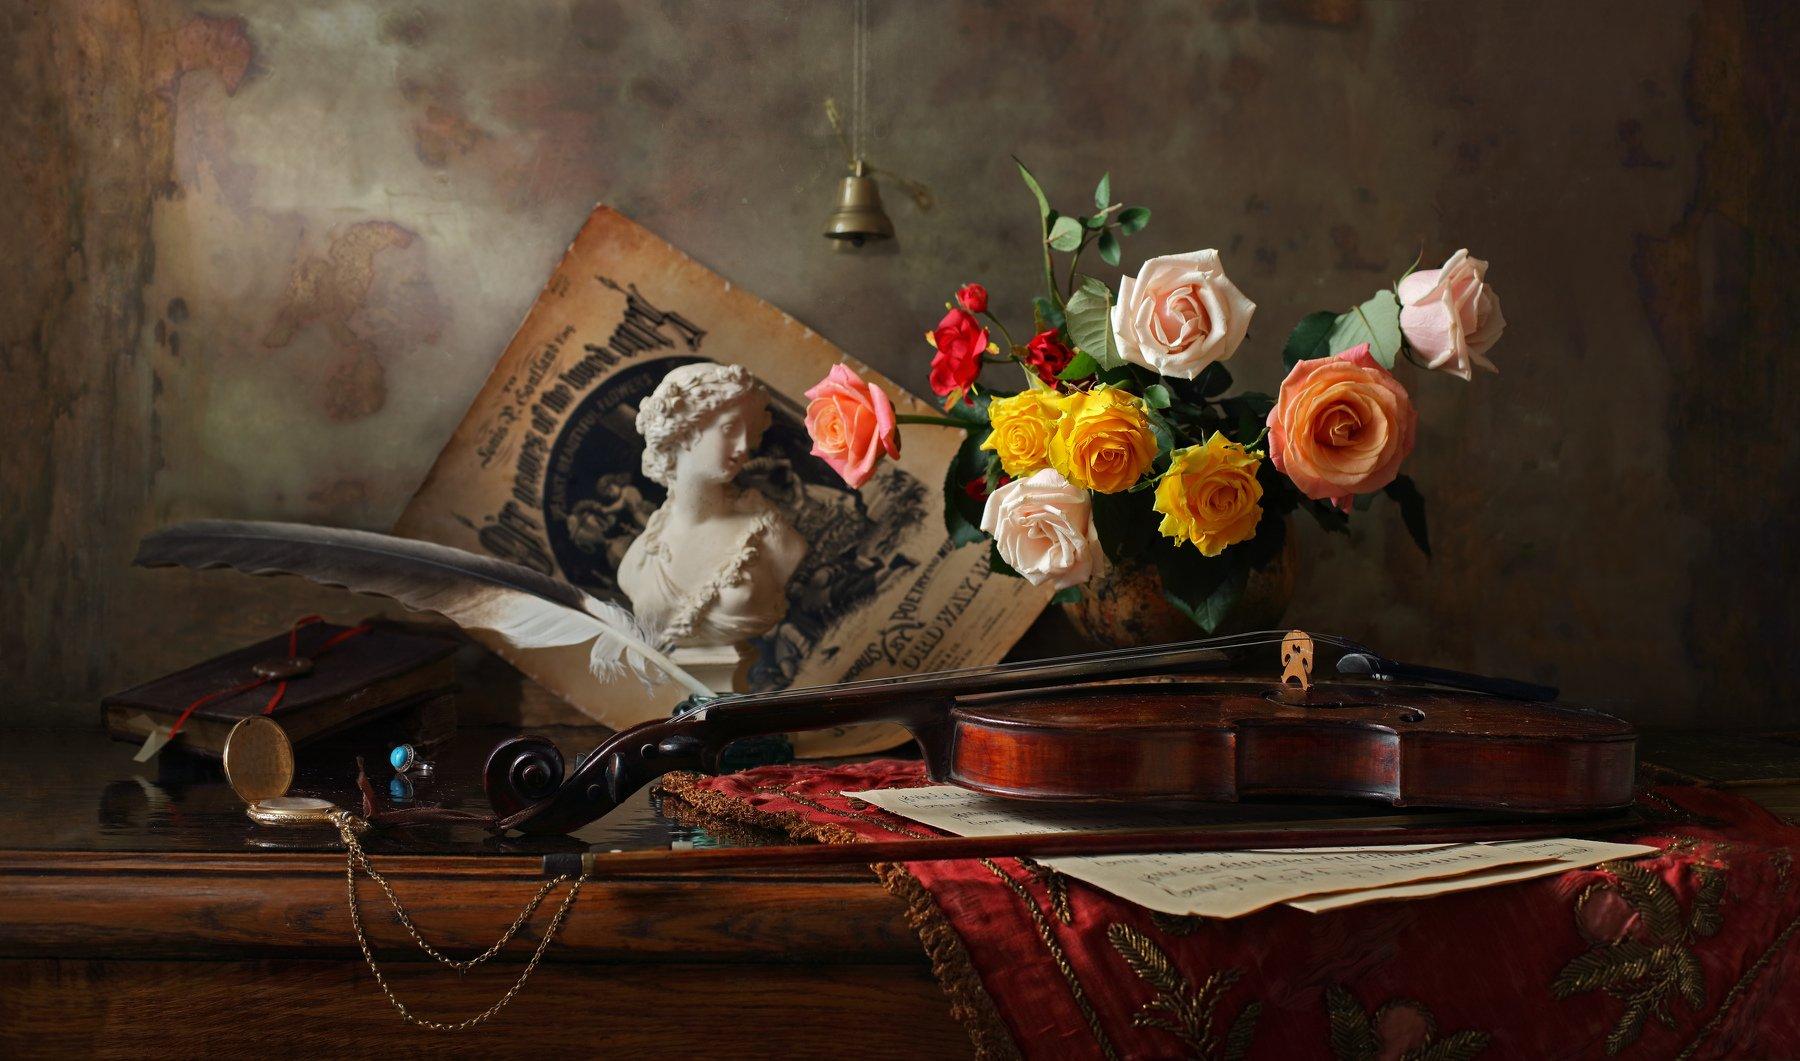 натюрморт, скрипка, музыка, бюст, девушка, розы, книги, история, Андрей Морозов